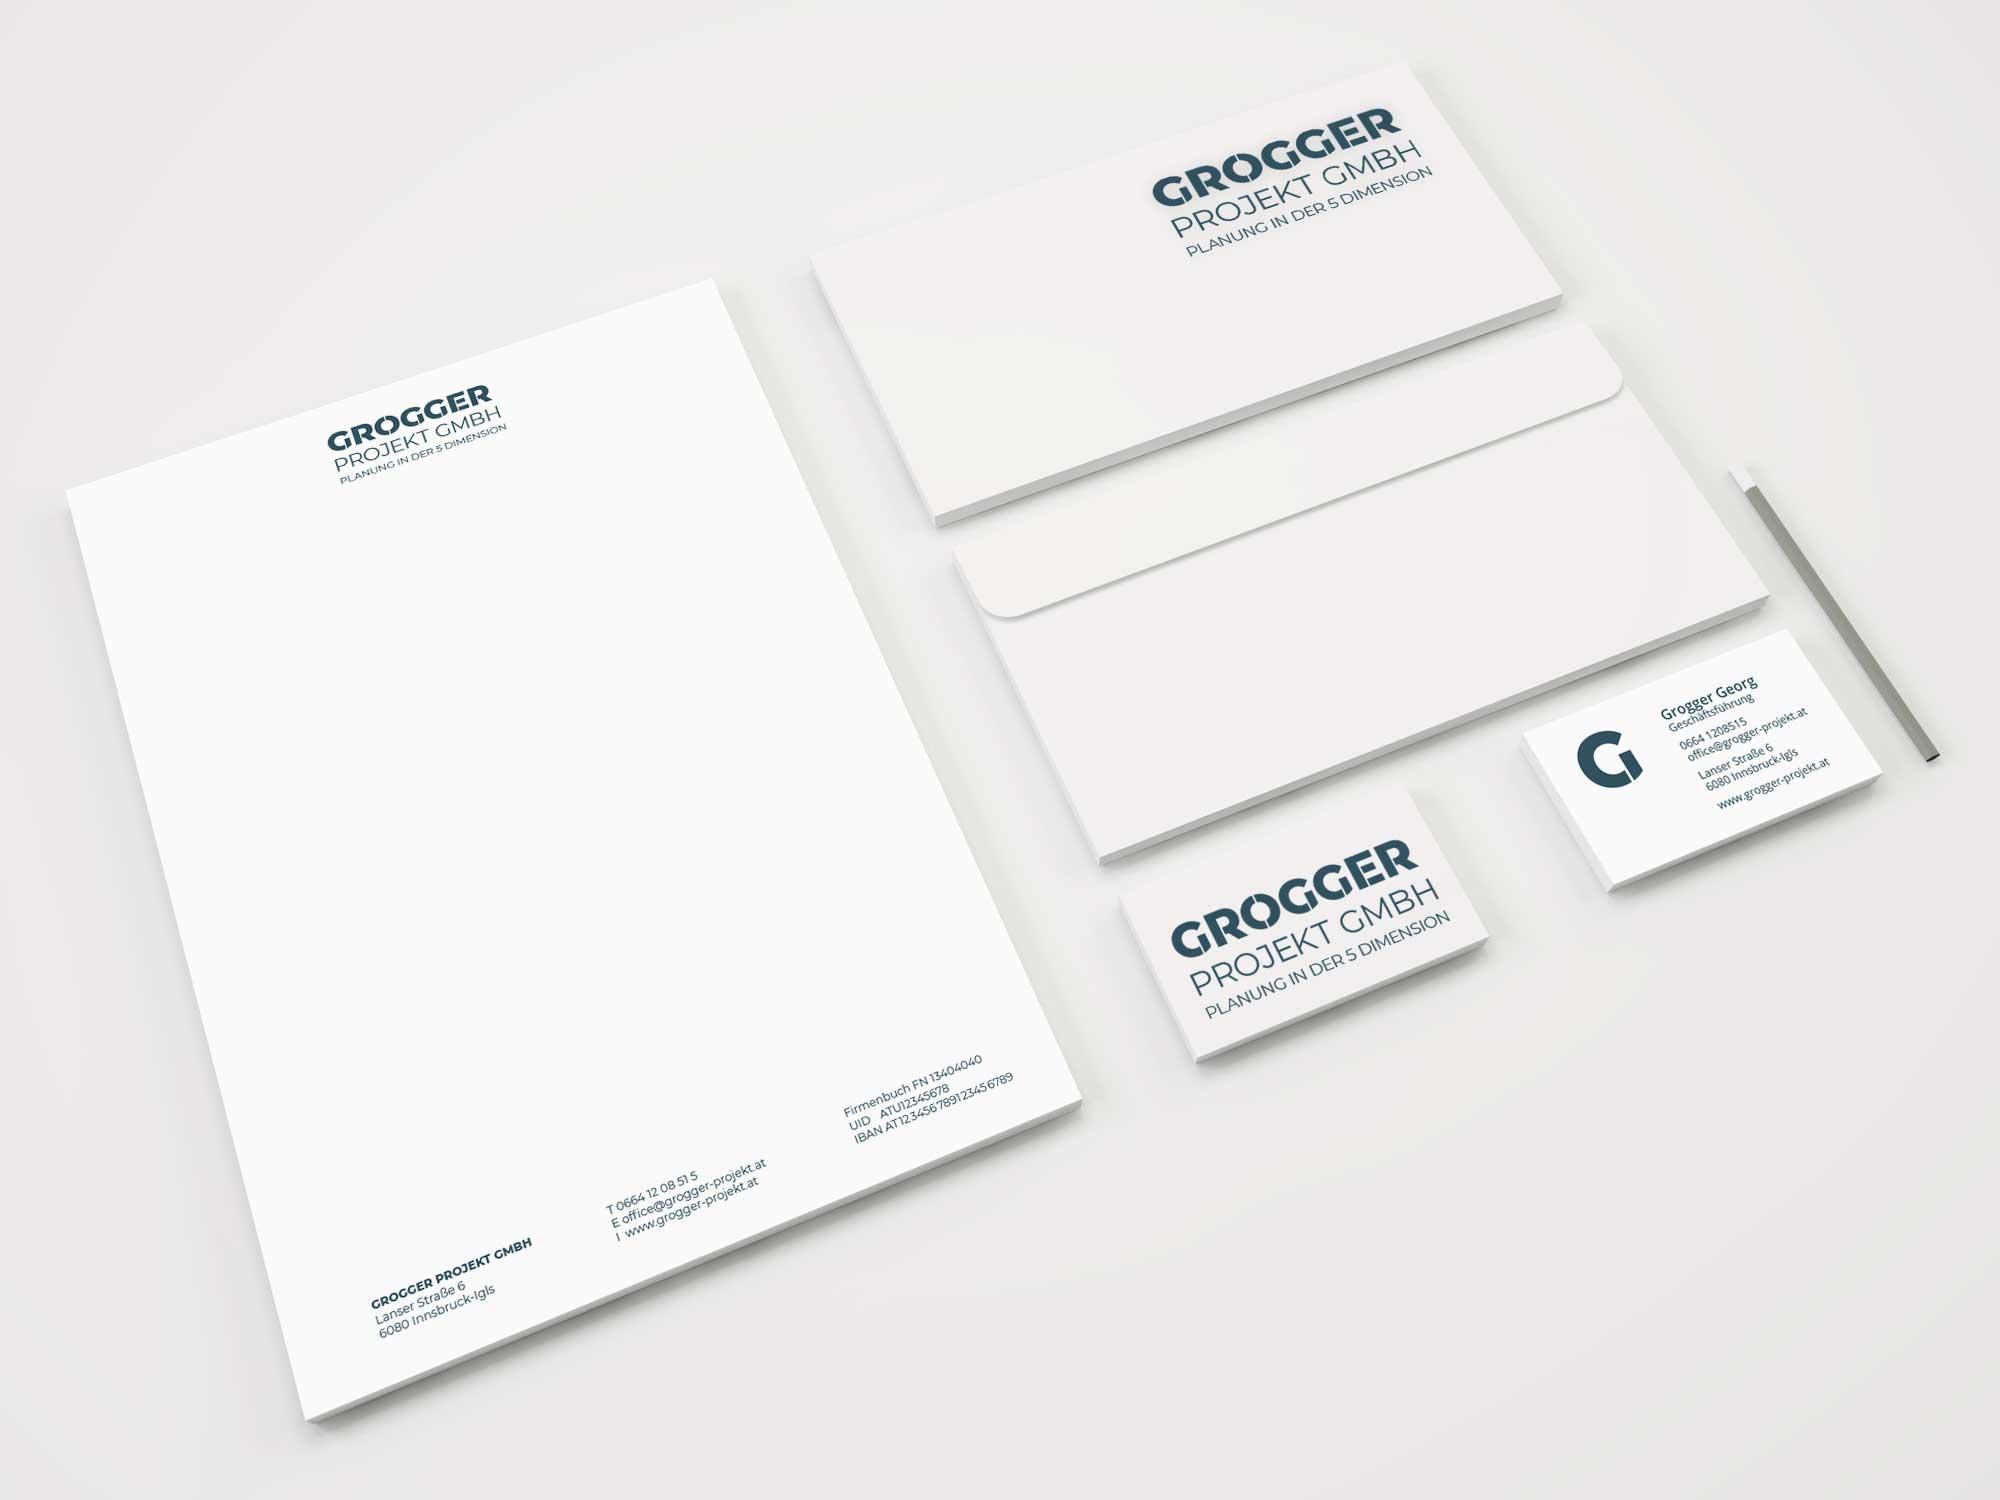 Grogger Projekt GmbH